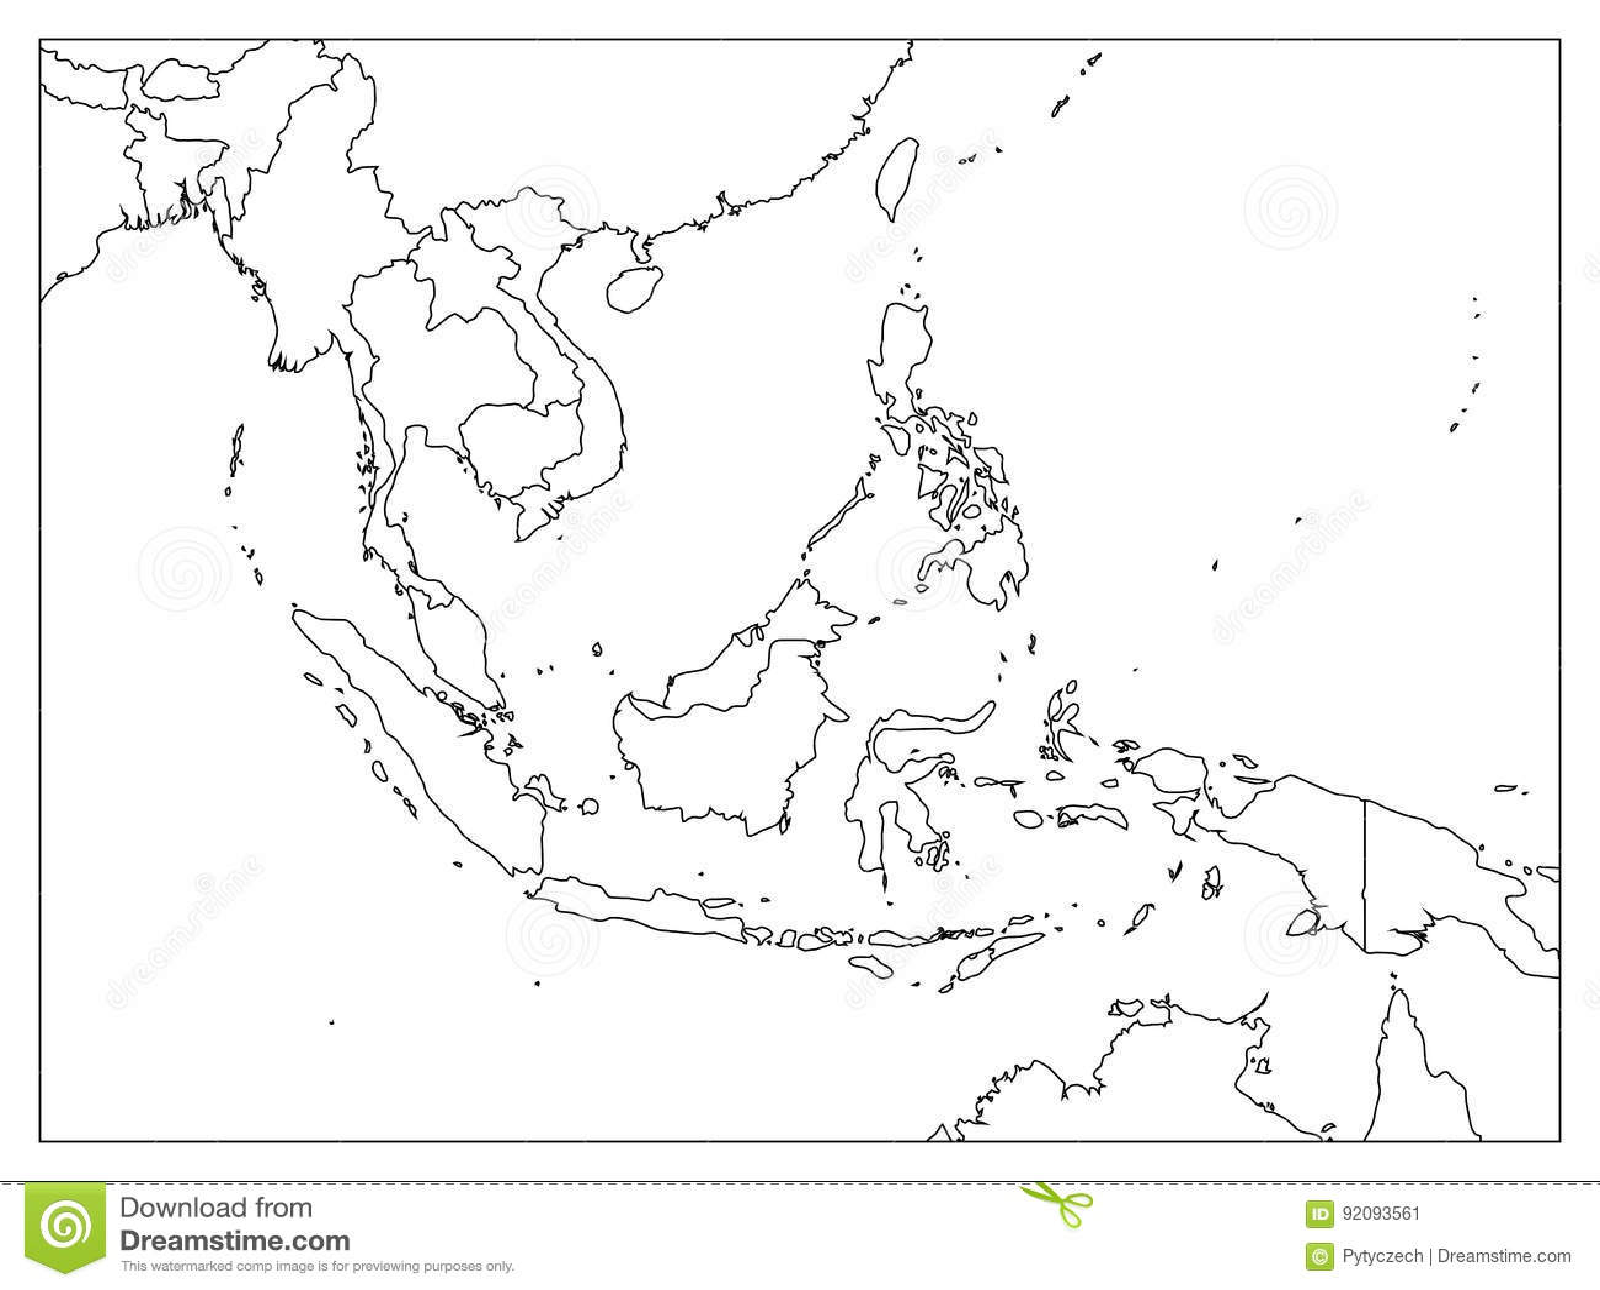 Azja Poludniowo Wschodnia Polityczna Mapa Czarny Kontur Na Bialym